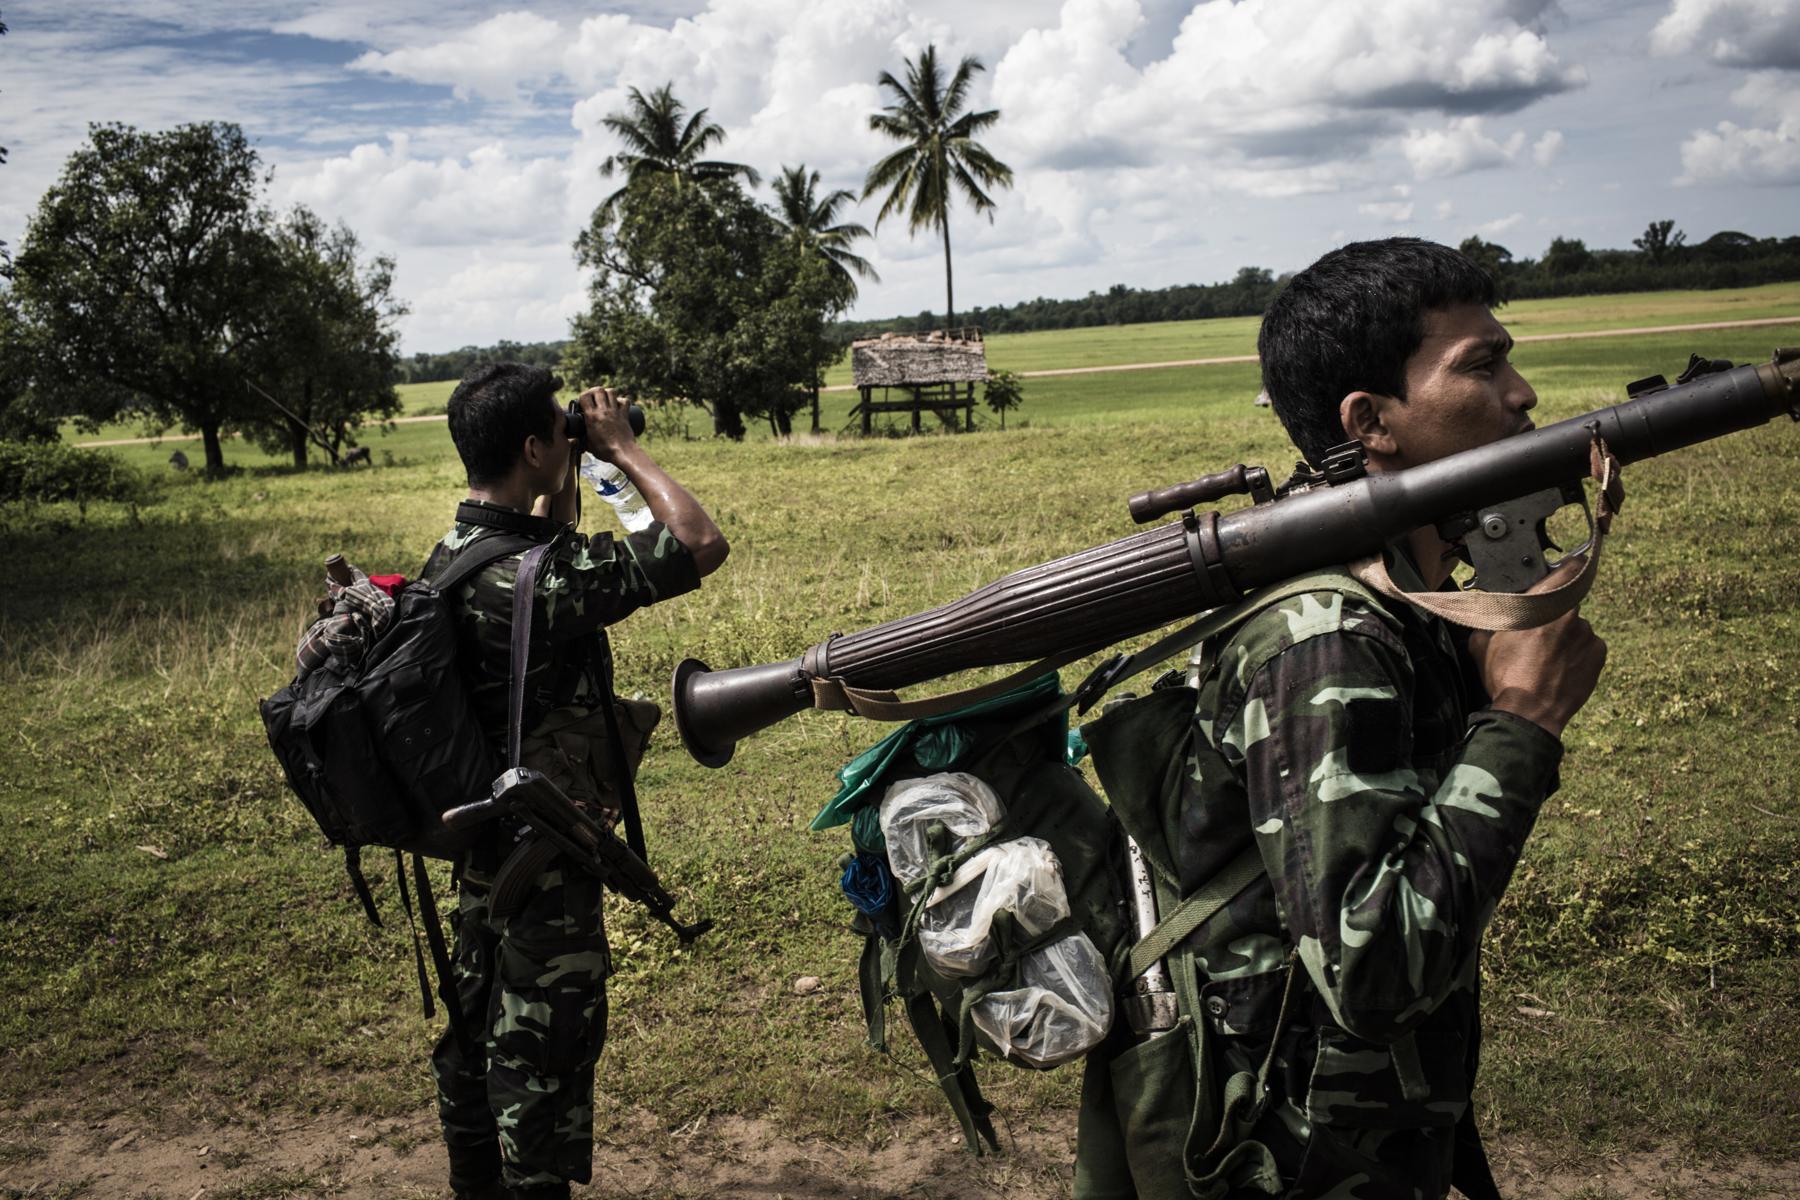 MW_Myanmar_DKBA_0006A.JPG